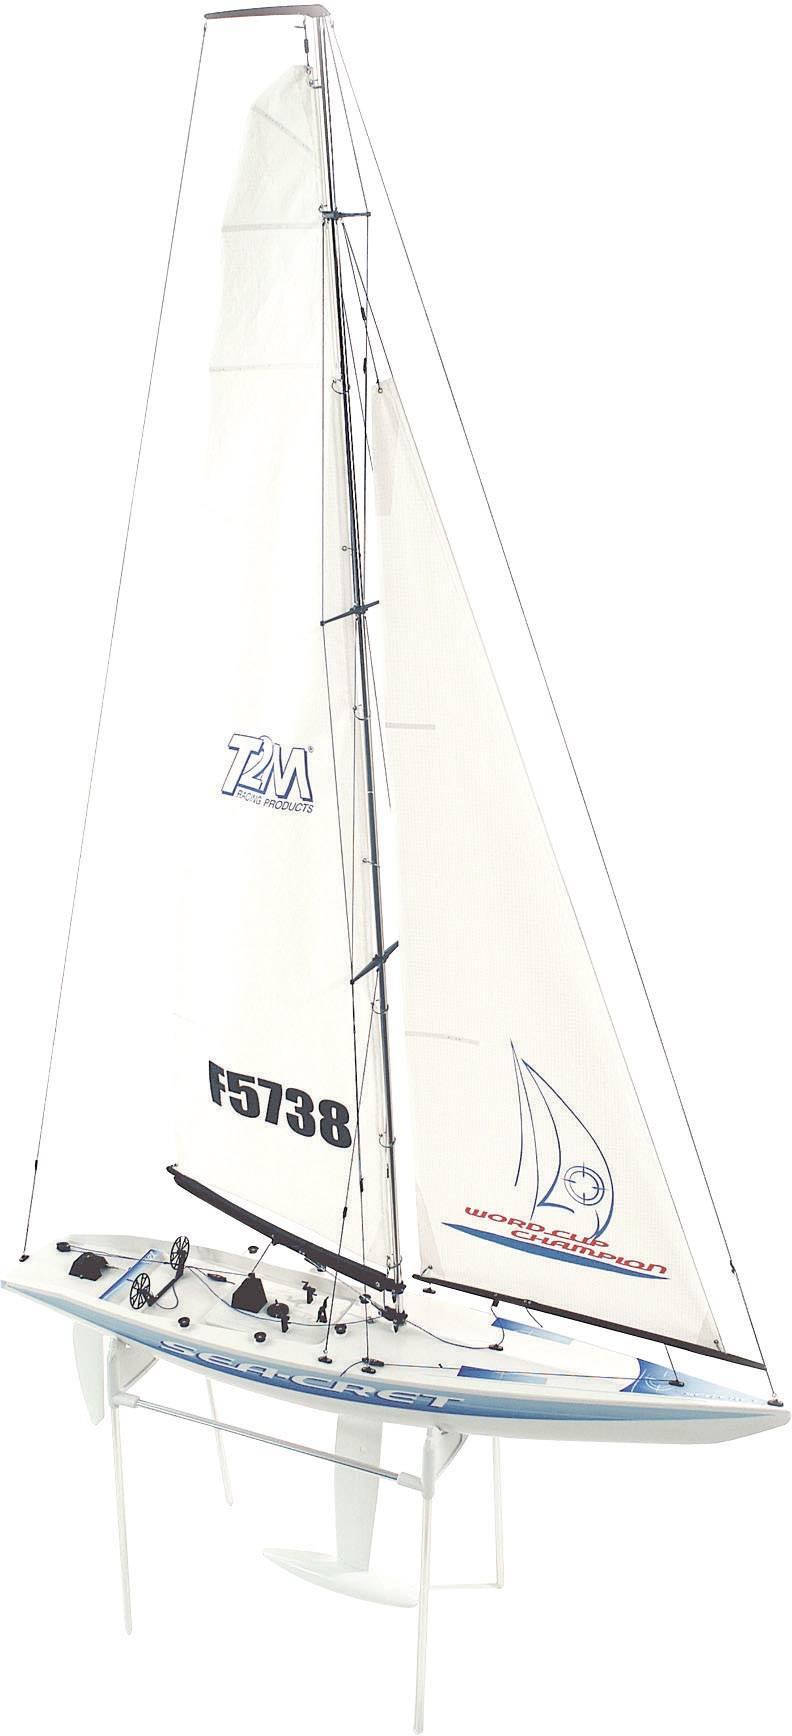 T2M Sea Cret RC model sailing boat Kit 914 mm | Conrad com